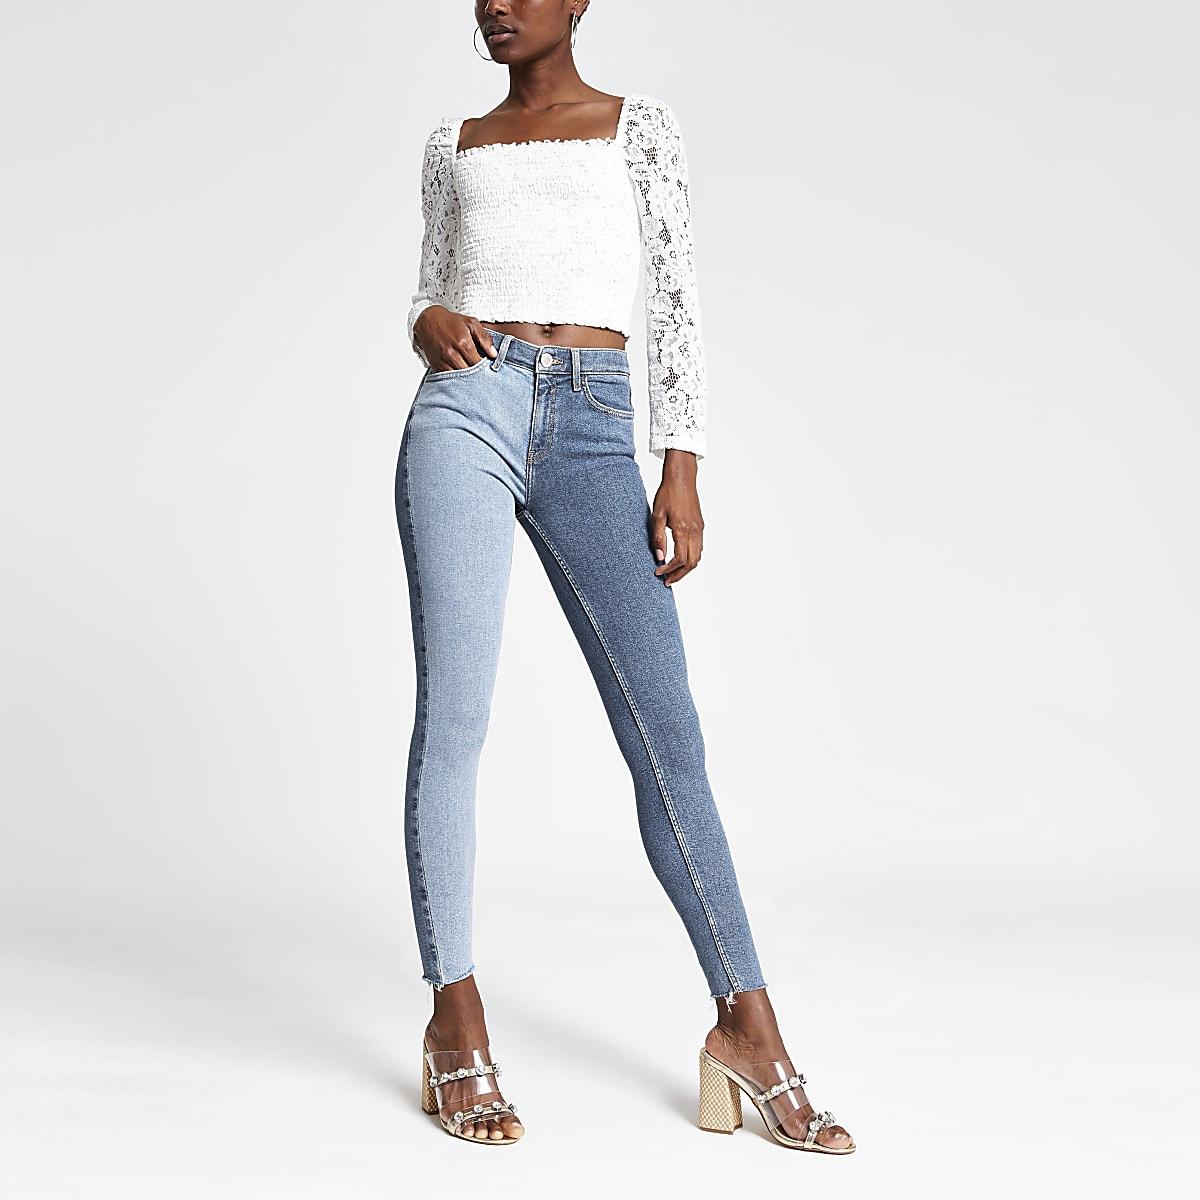 Amelie - Middenblauwe superskinny jeans met kleurvlakken